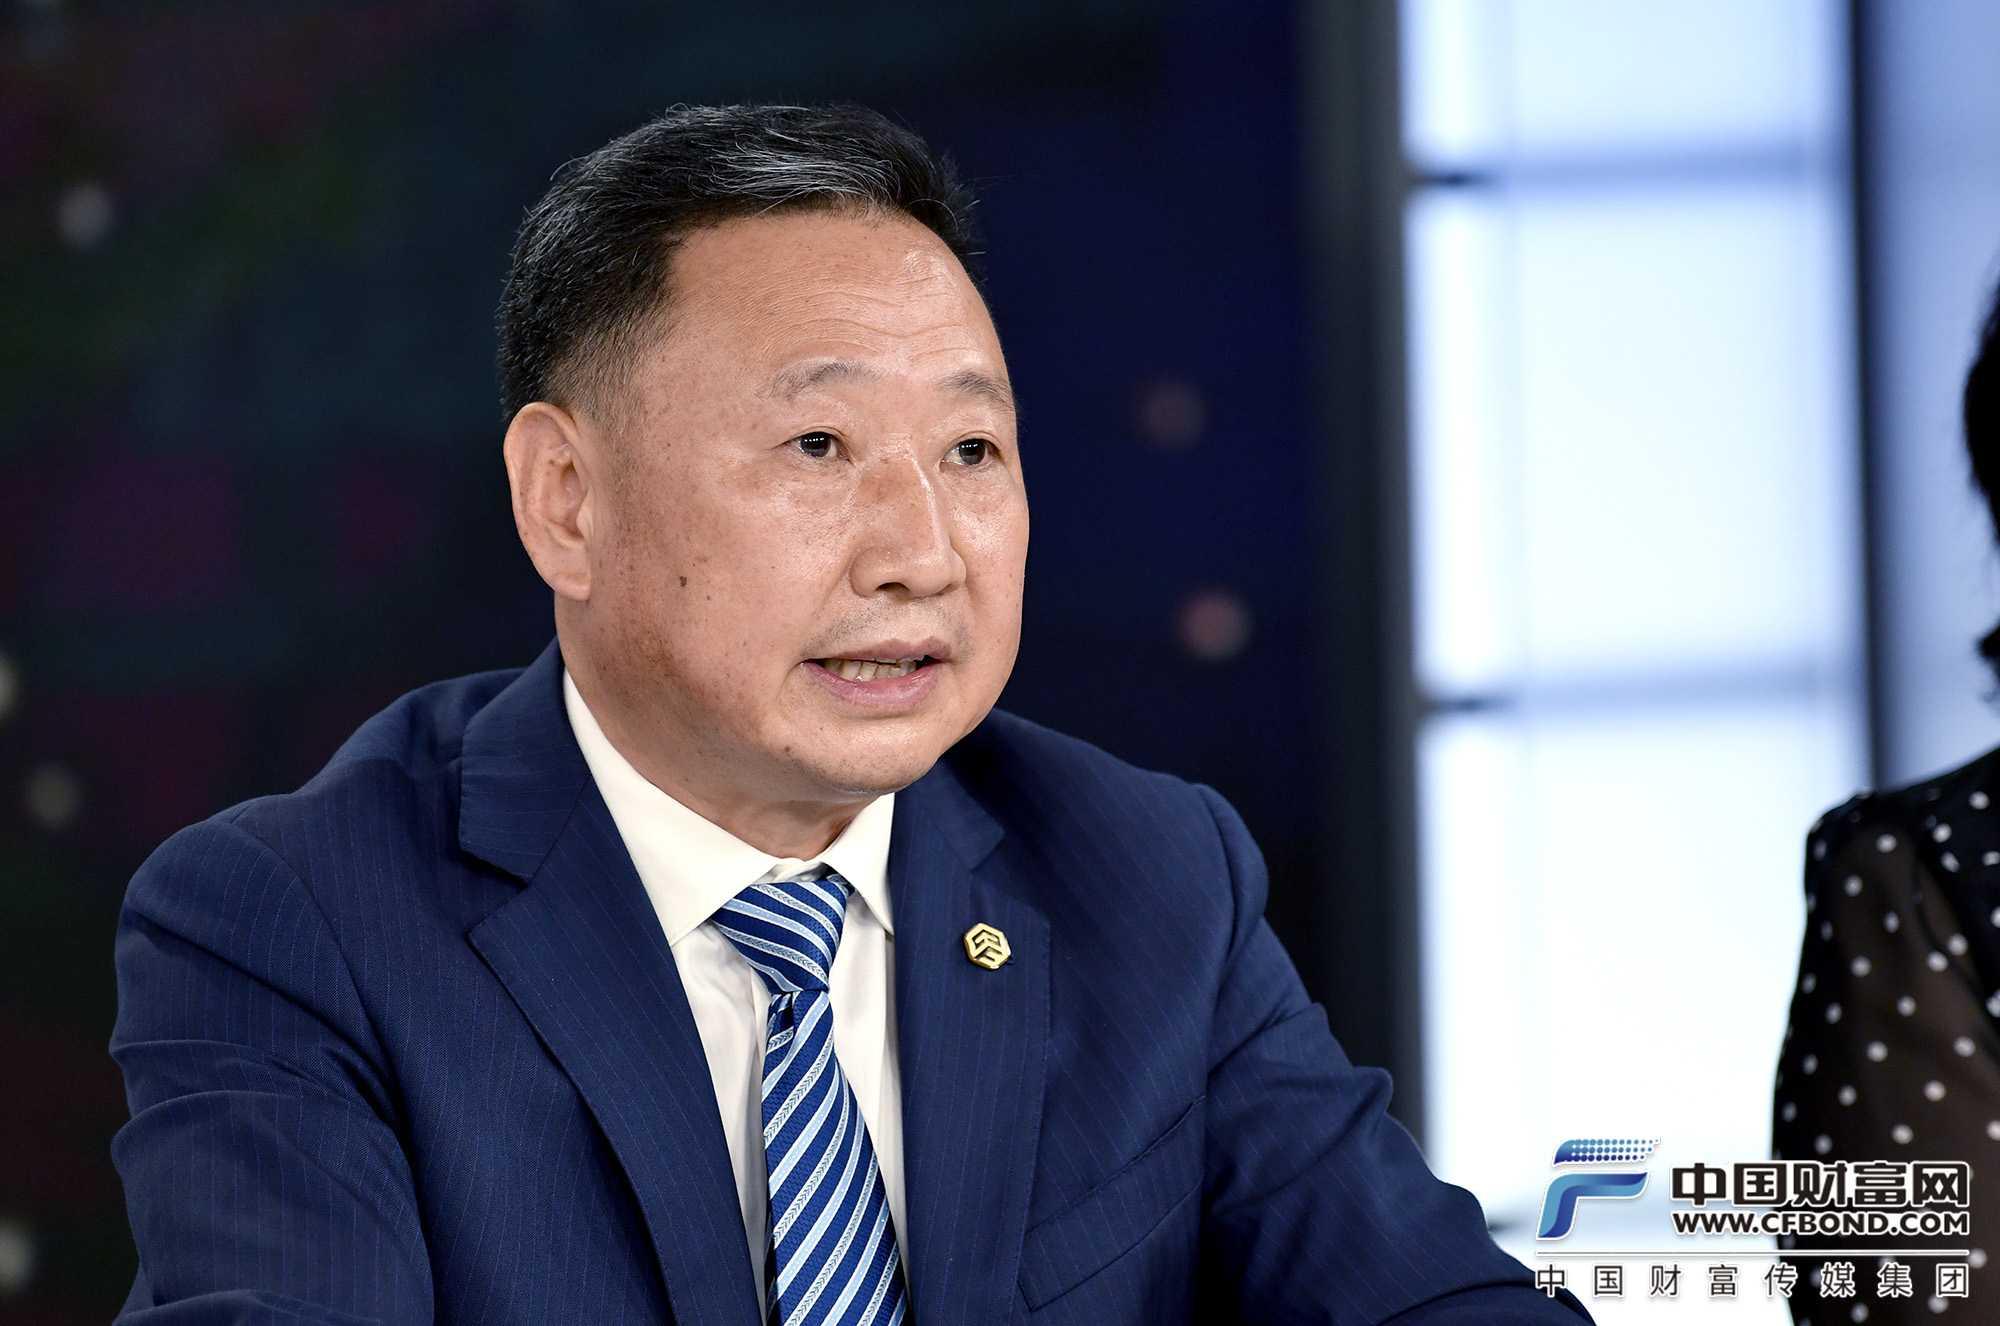 赤峰吉隆黄金矿业股份有限公司副董事长兼总裁吕晓兆